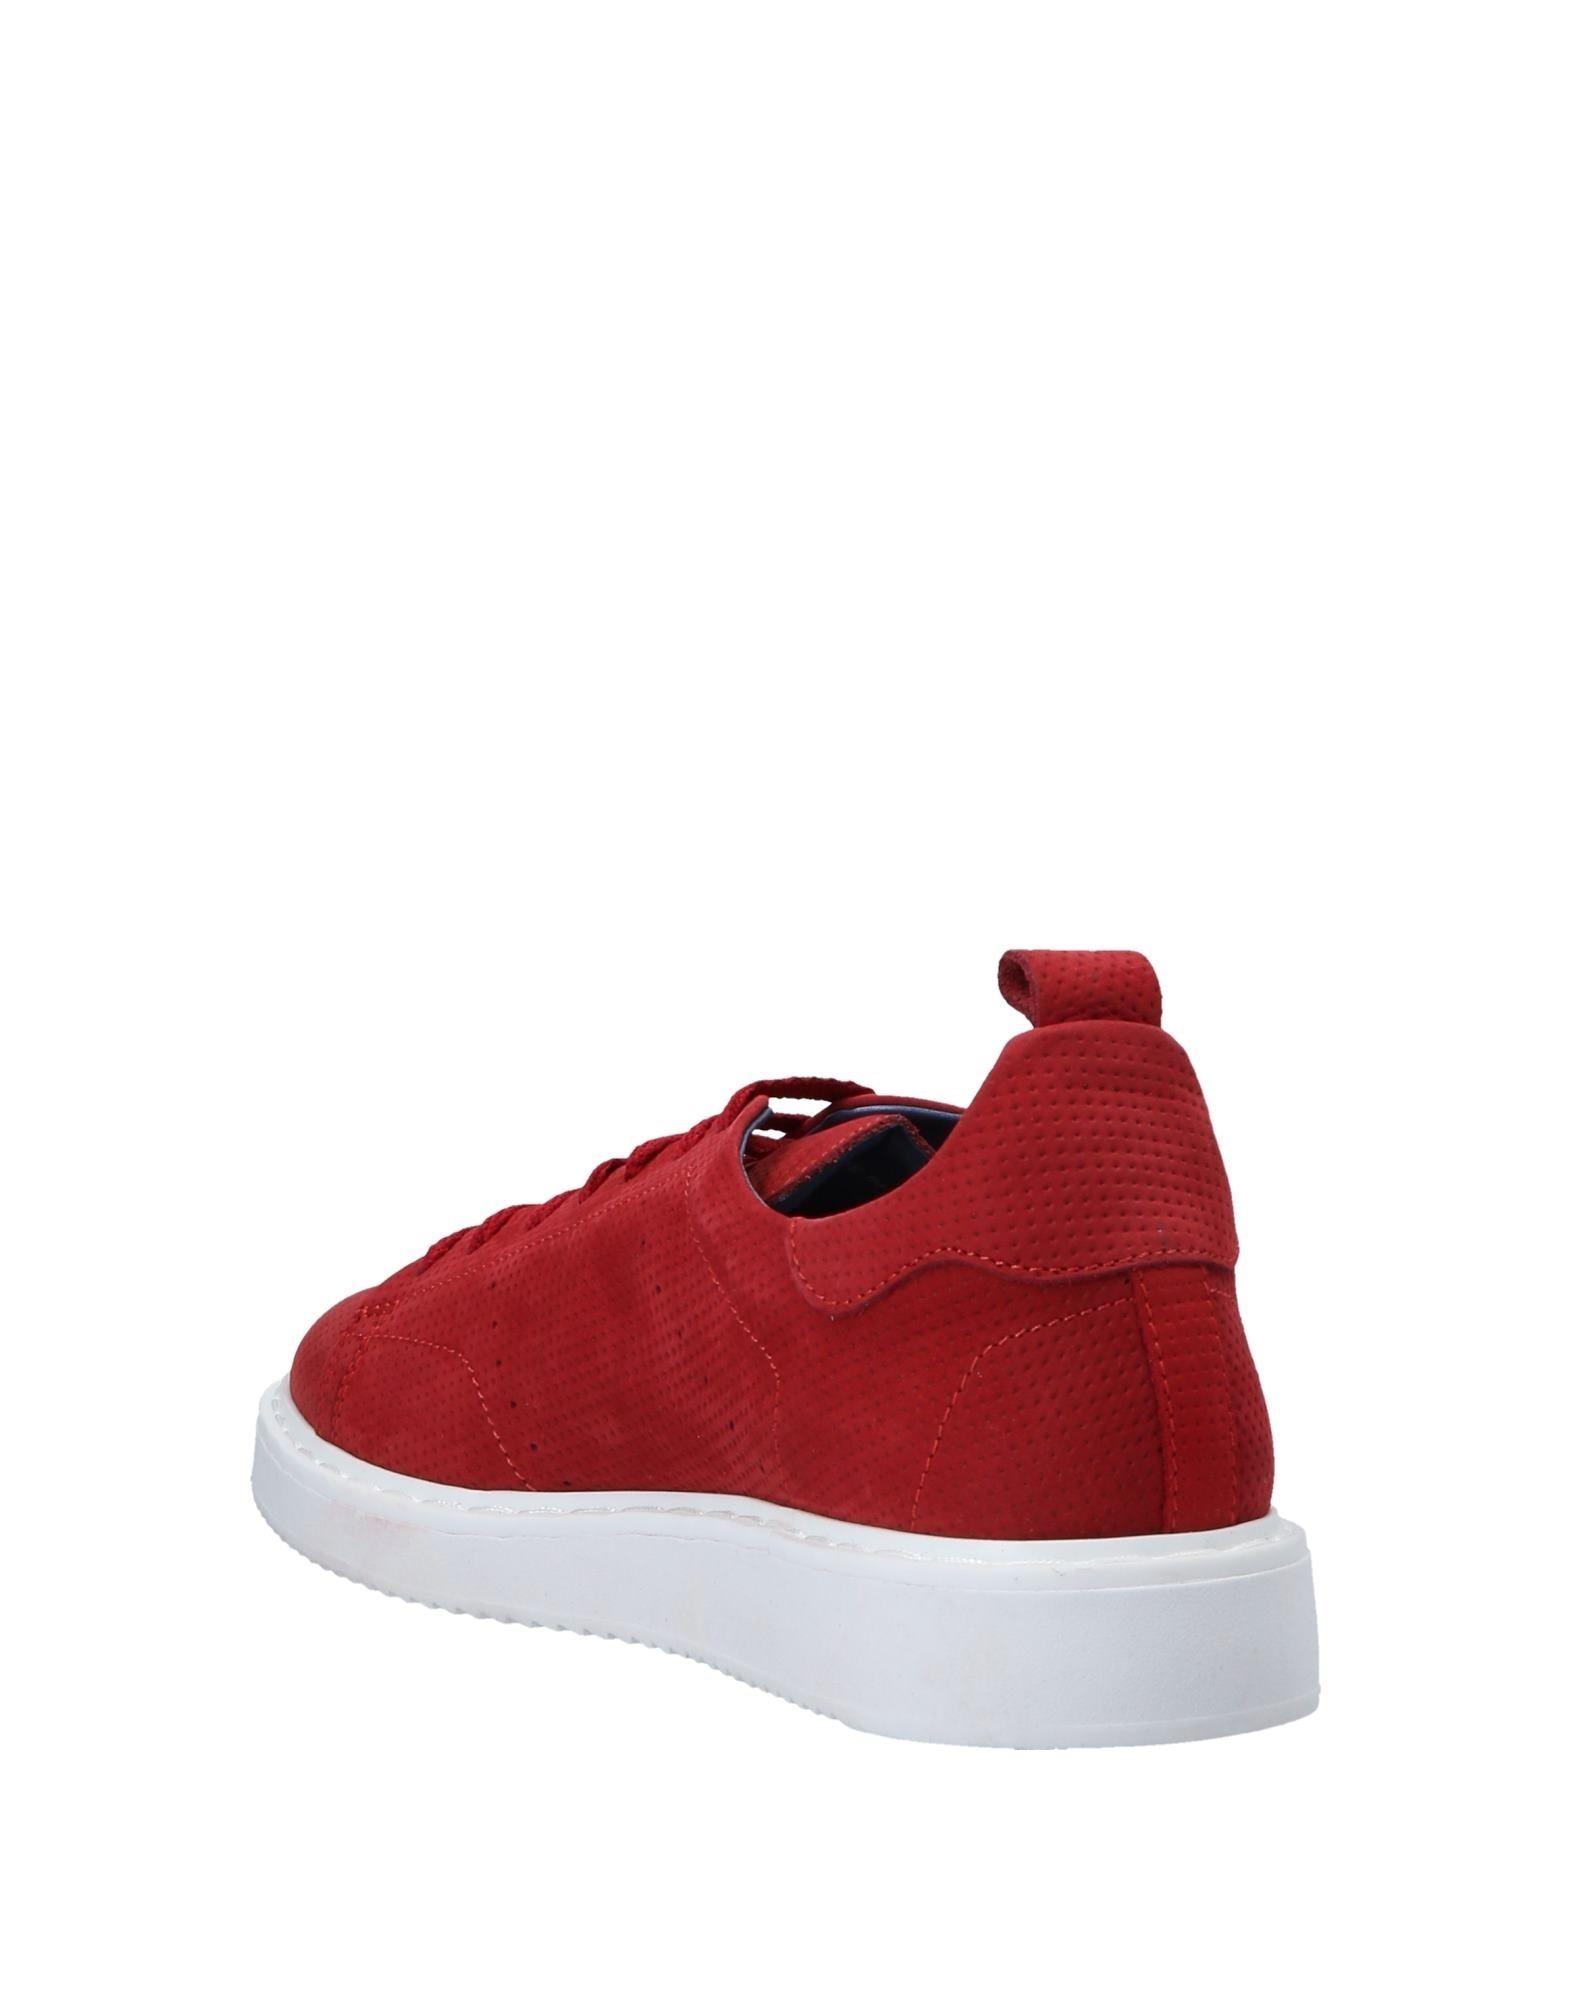 Rabatt echte Schuhe Antony Morato Sneakers Herren  11548894AD